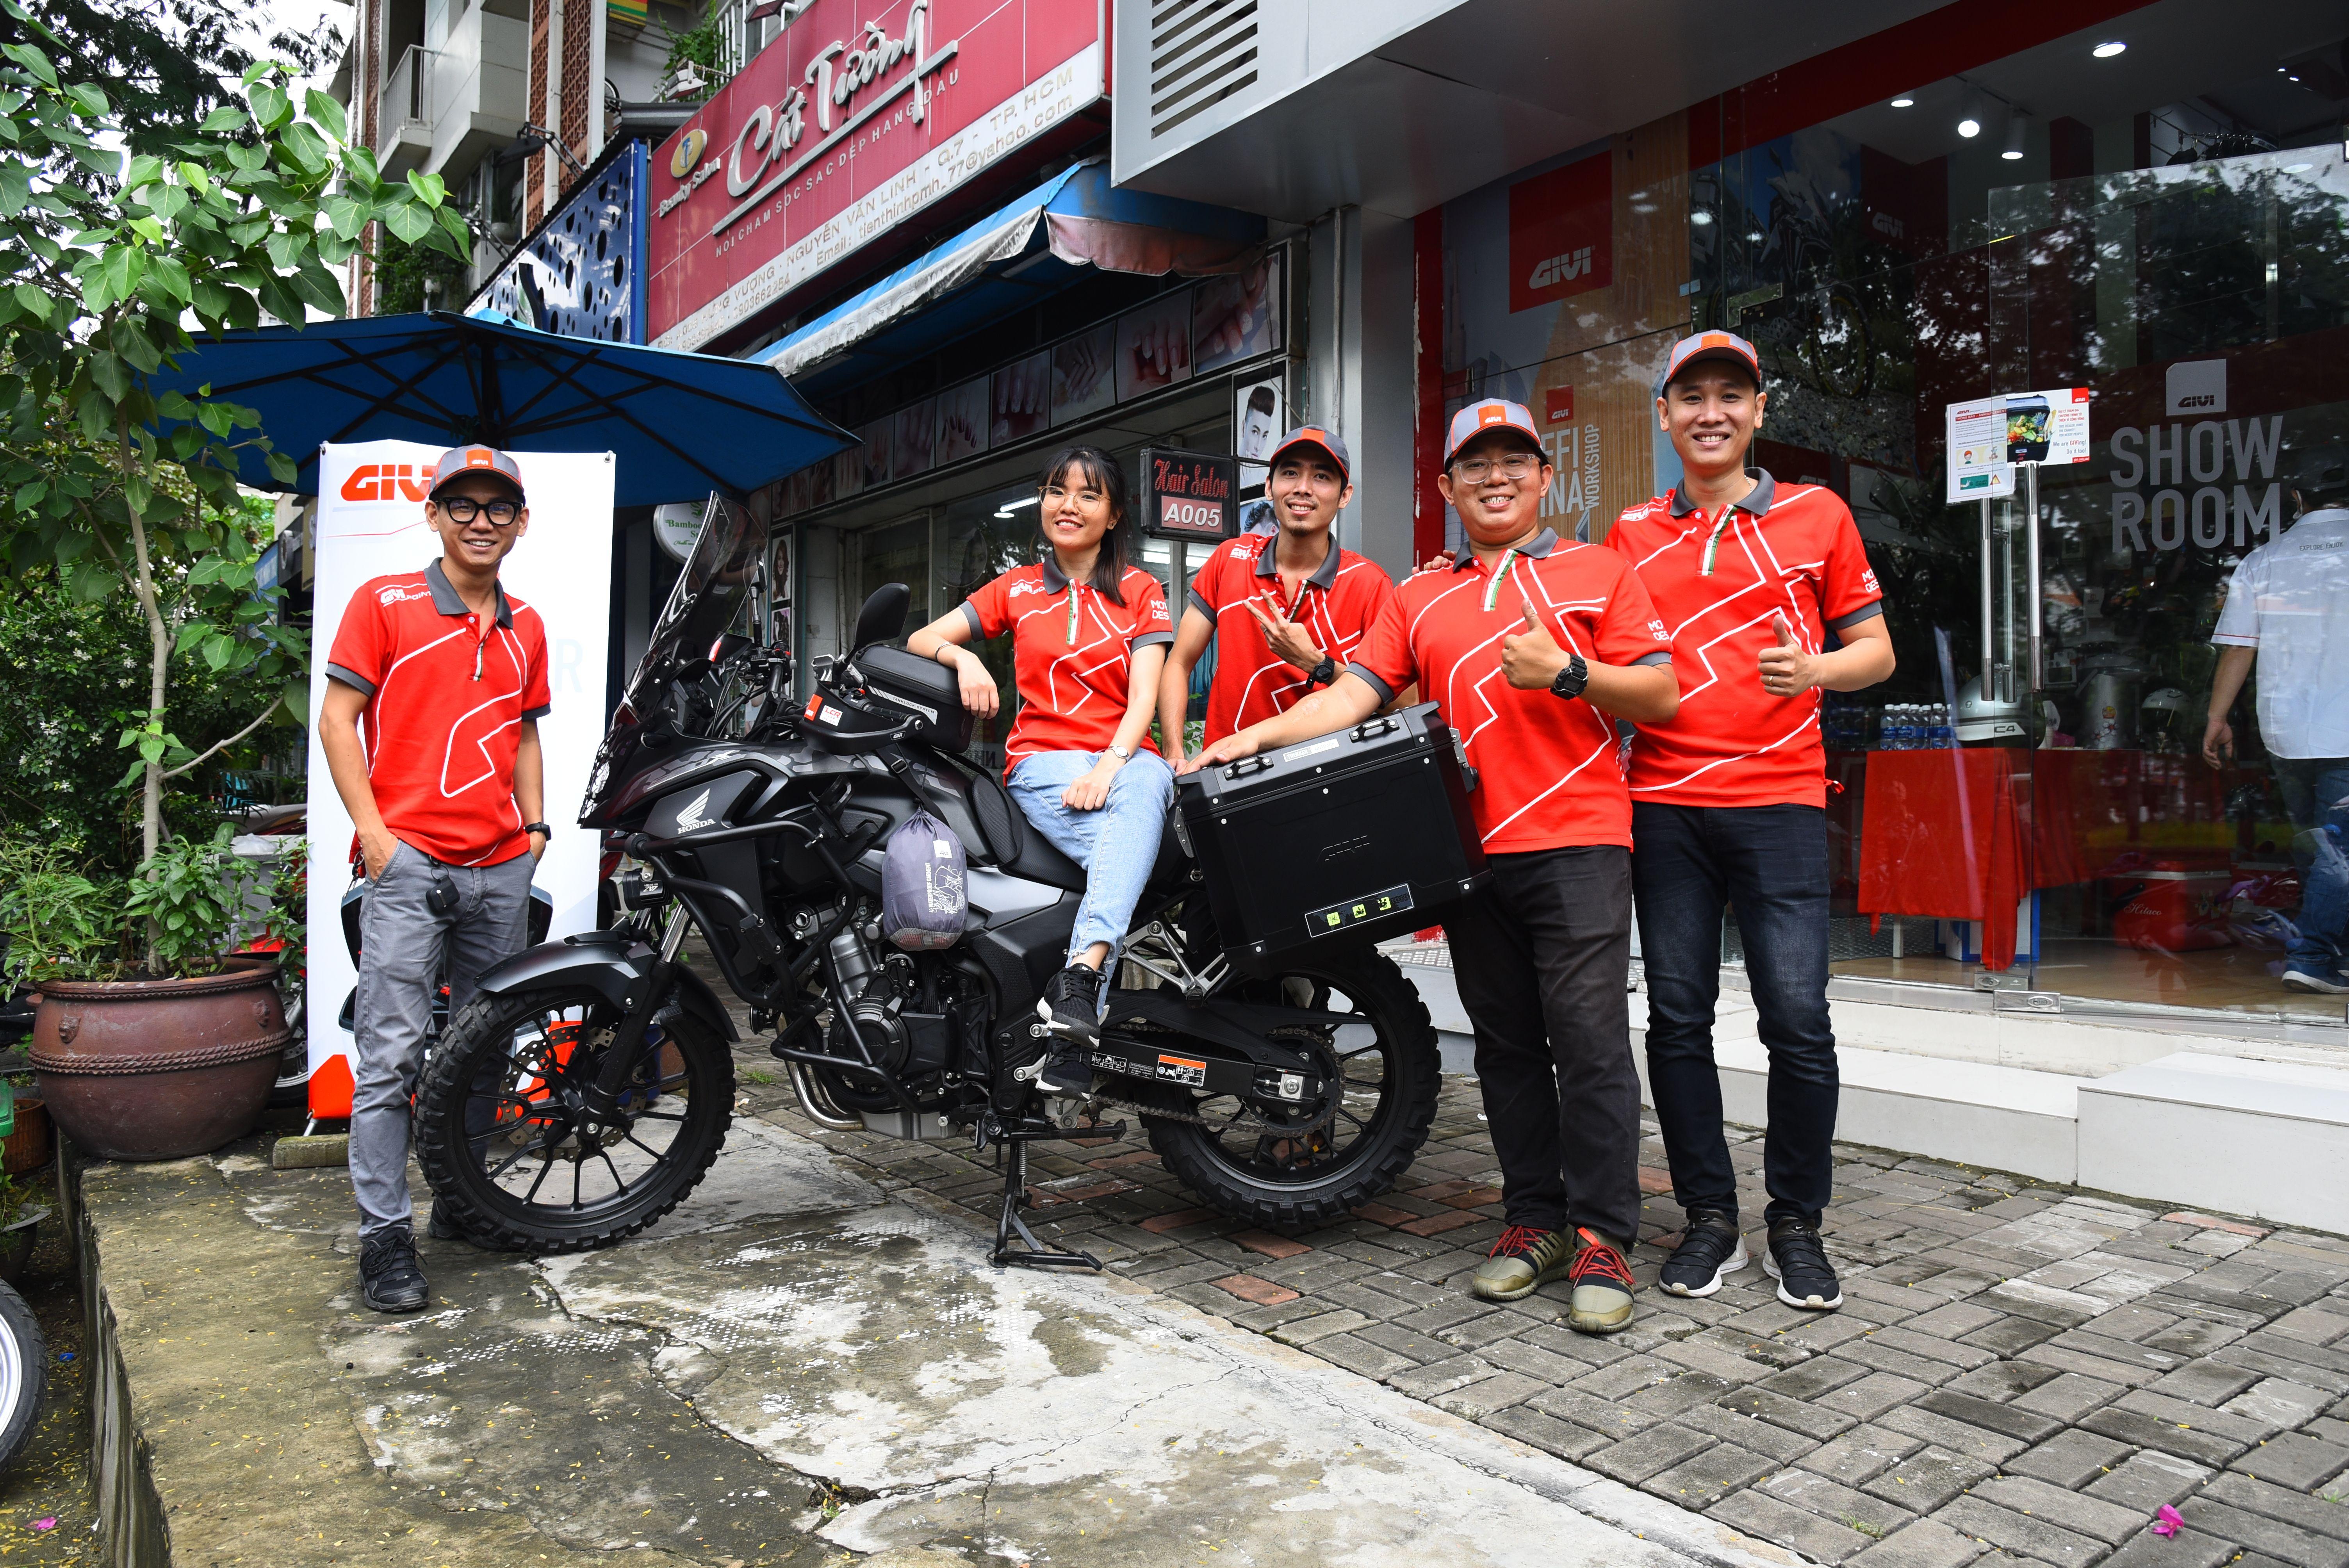 Givi Việt Nam tổ chức ngày hội tri ân khách hàng tại Givi Point Quận 7